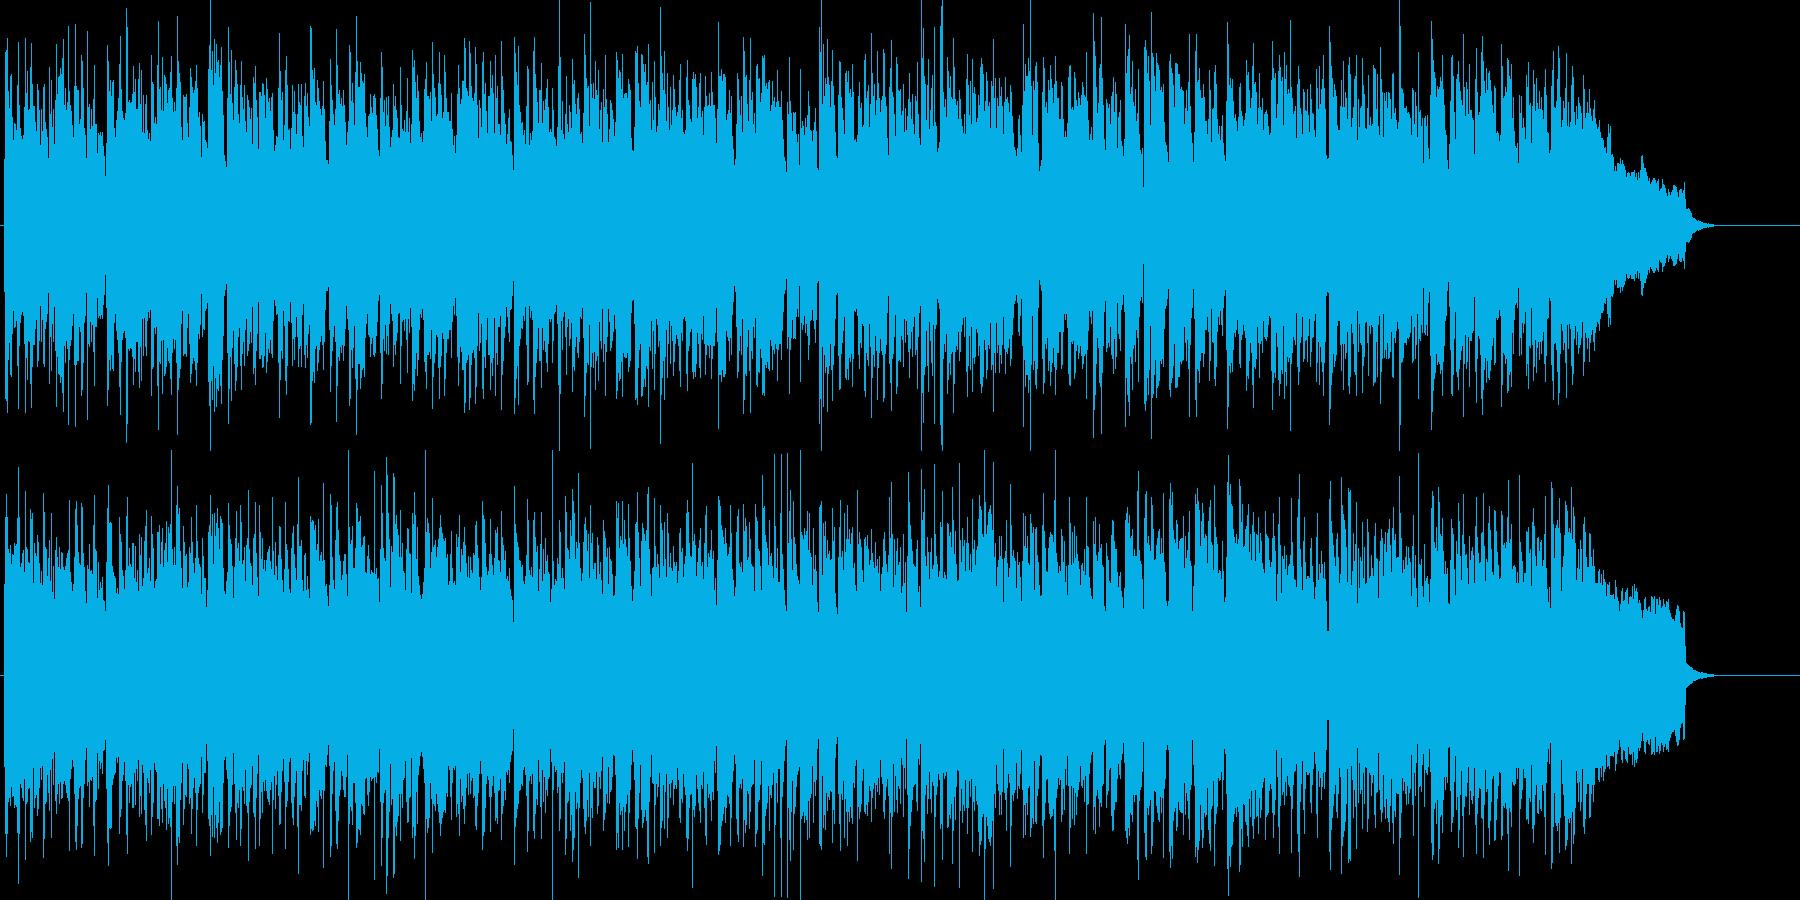 陽気な中に哀愁が漂うラテン音楽の再生済みの波形